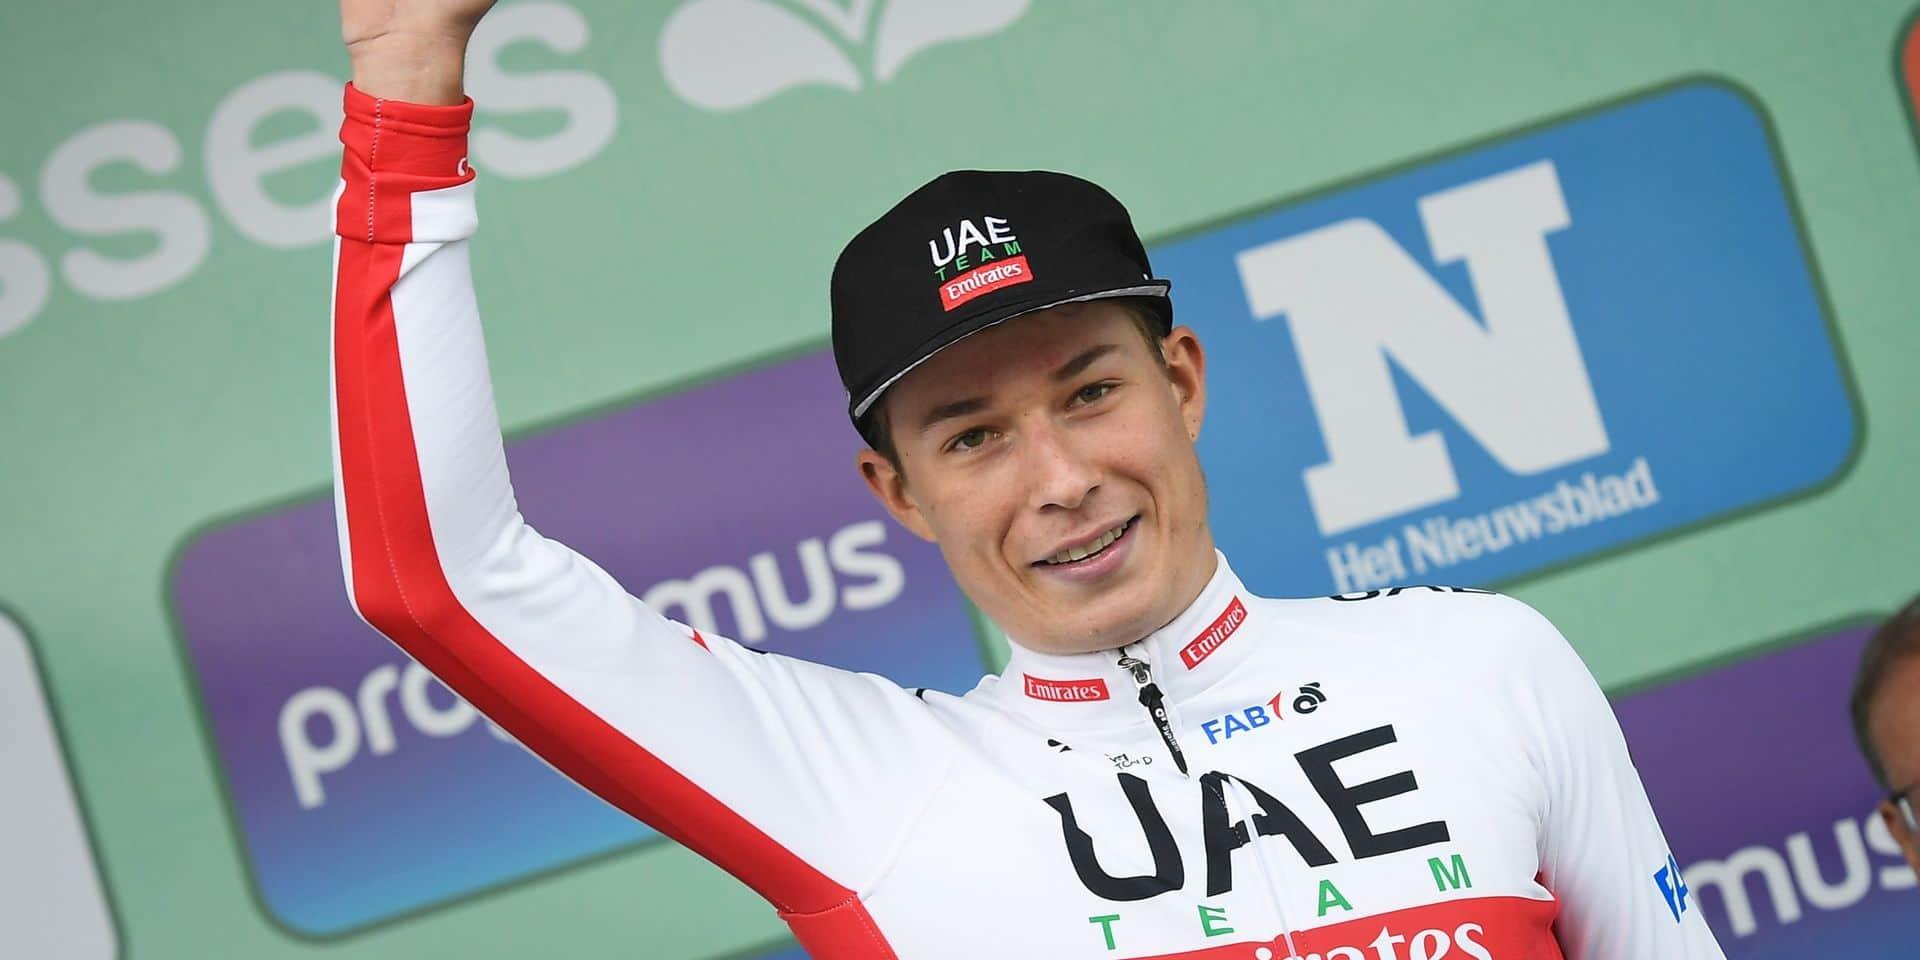 Jasper Philipsen remporte la 1re étape du BinckBank Tour